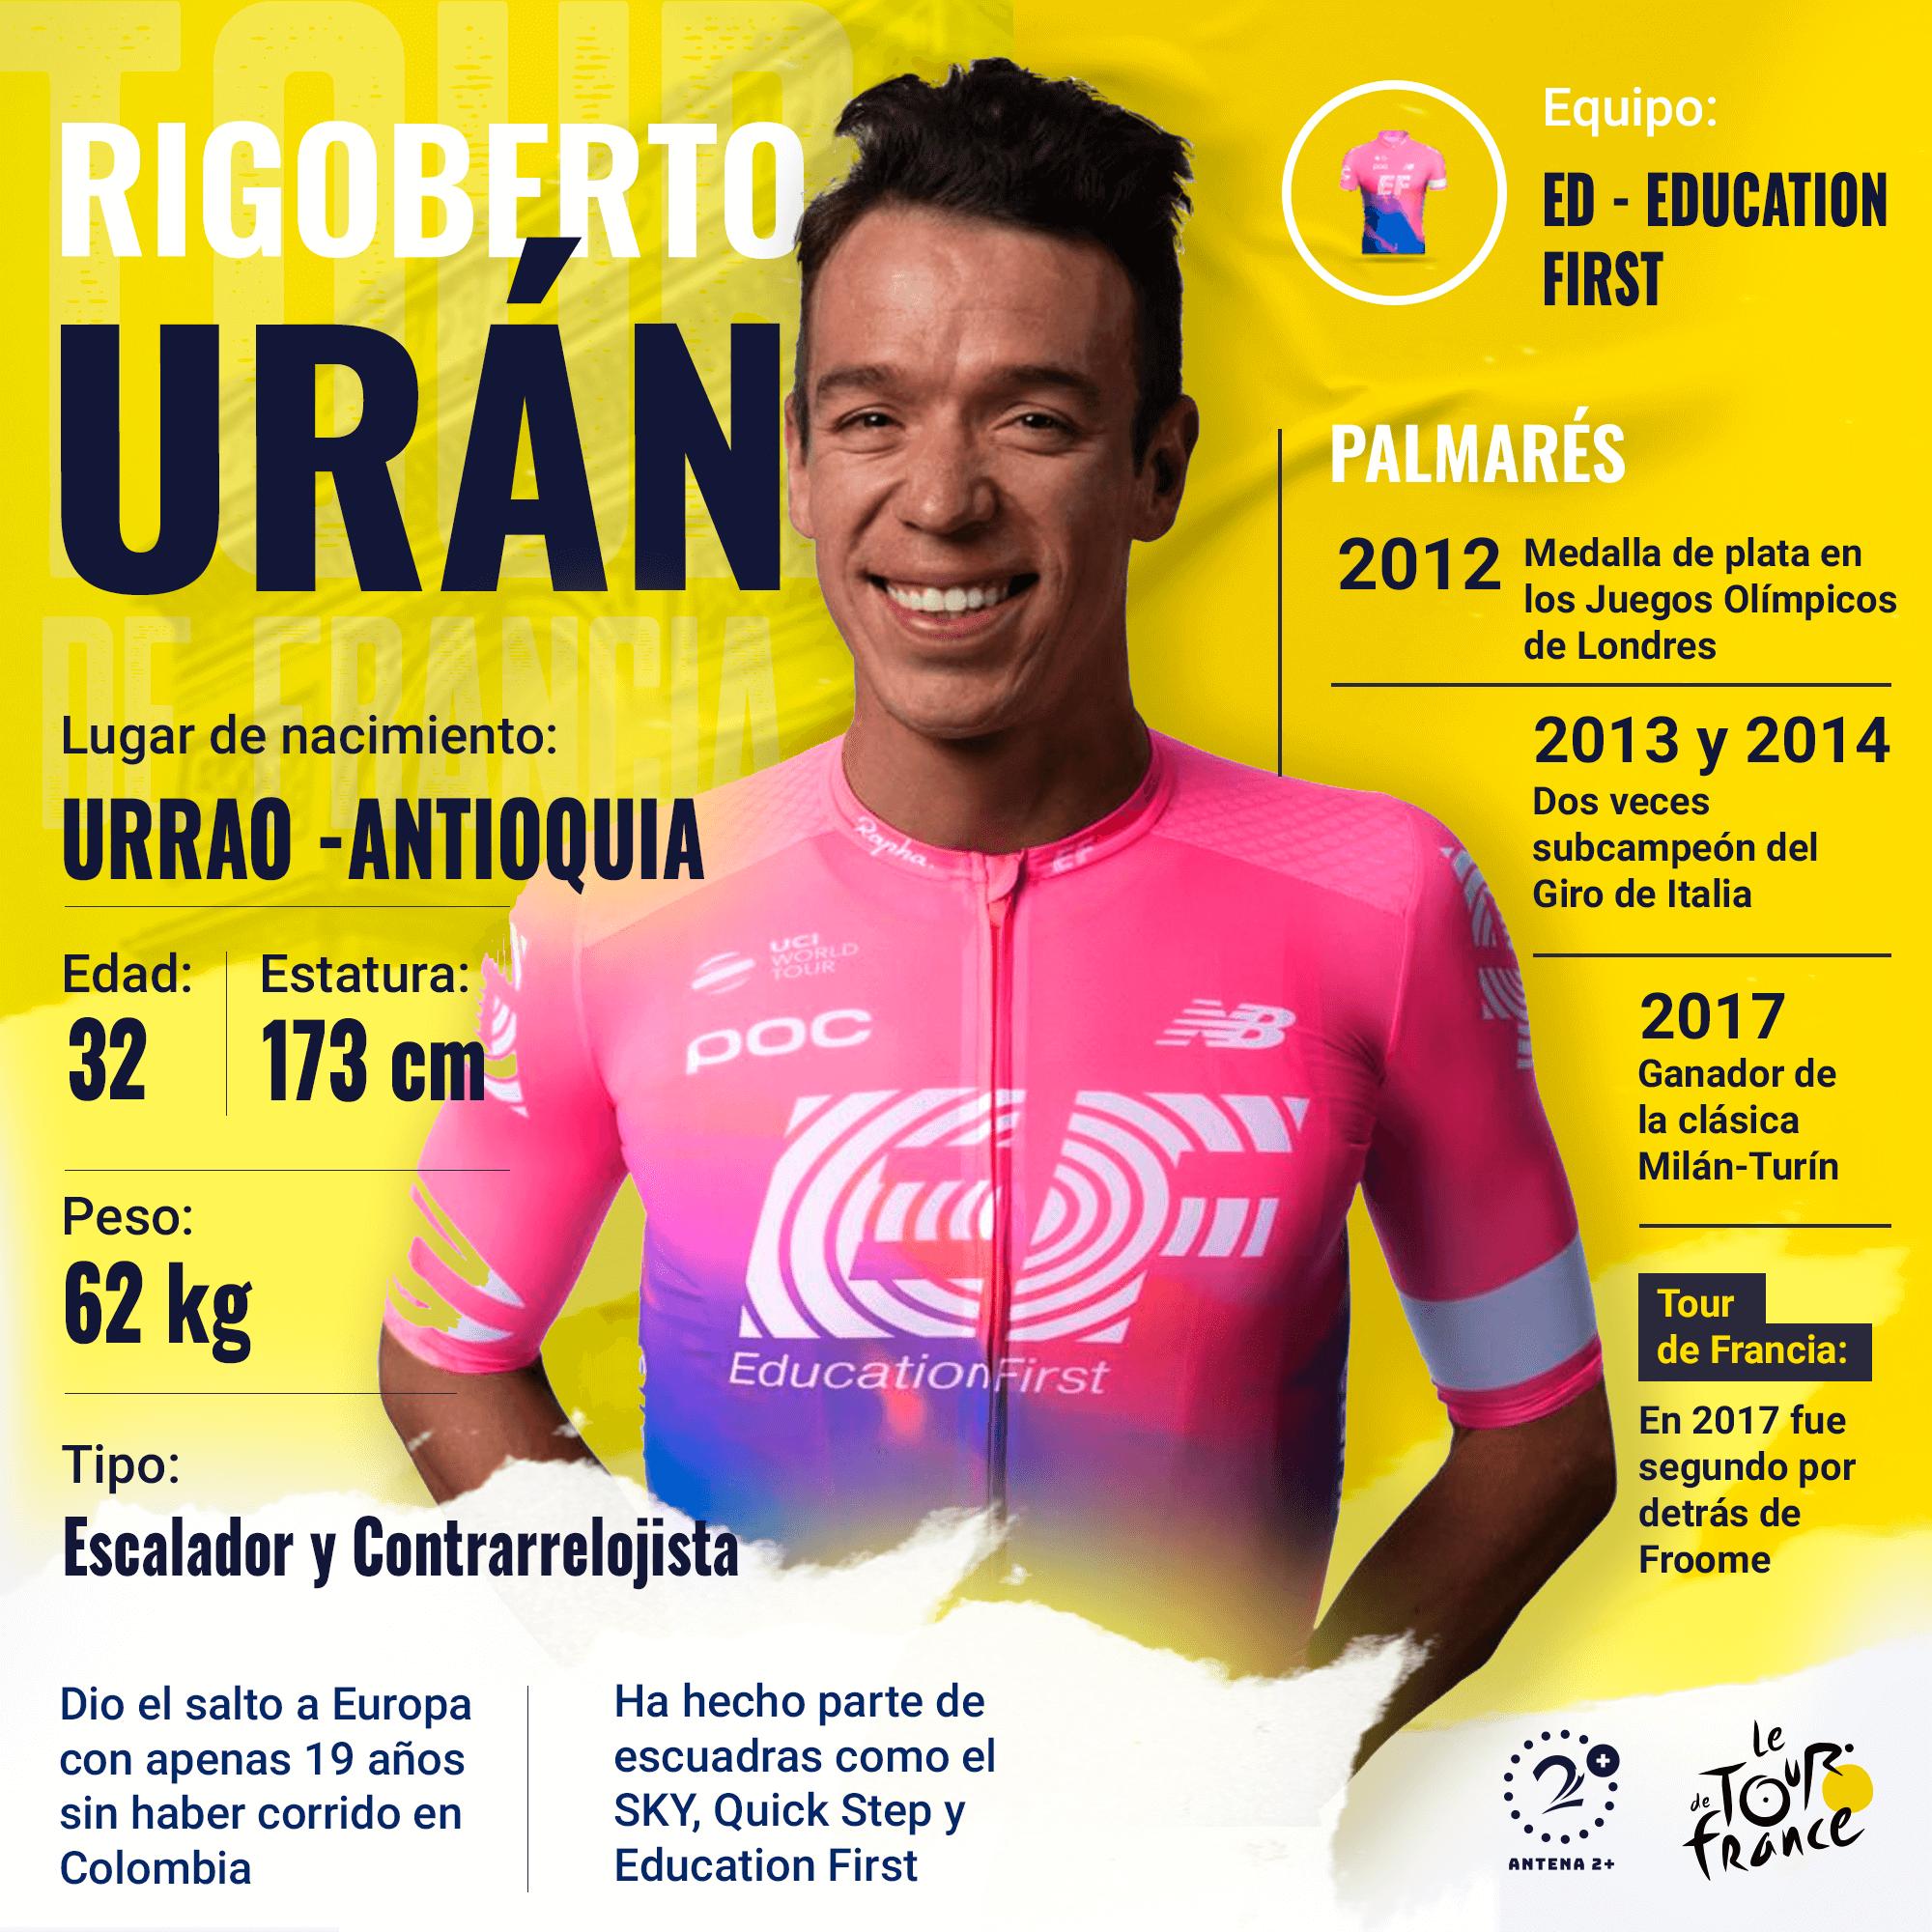 Rigoberto Urán, ciclista del Education First en el Tour de Francia 2019.